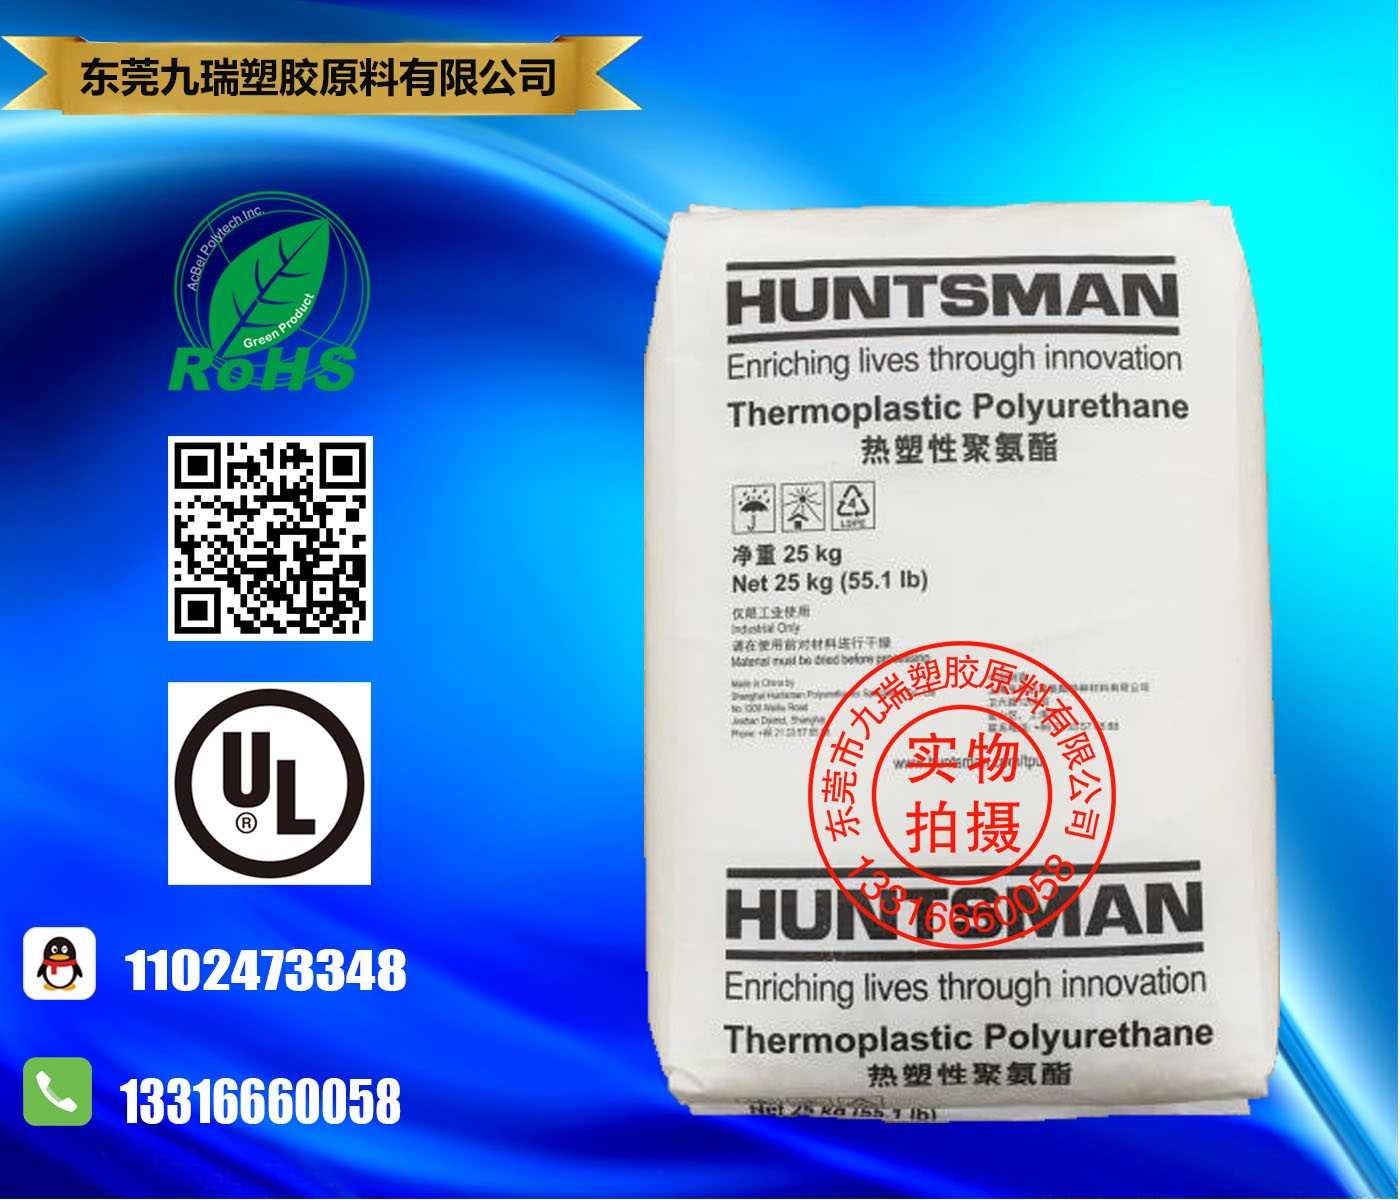 亨斯迈TPU IROSTIC S7730-25织物涂层胶专用聚氨酯